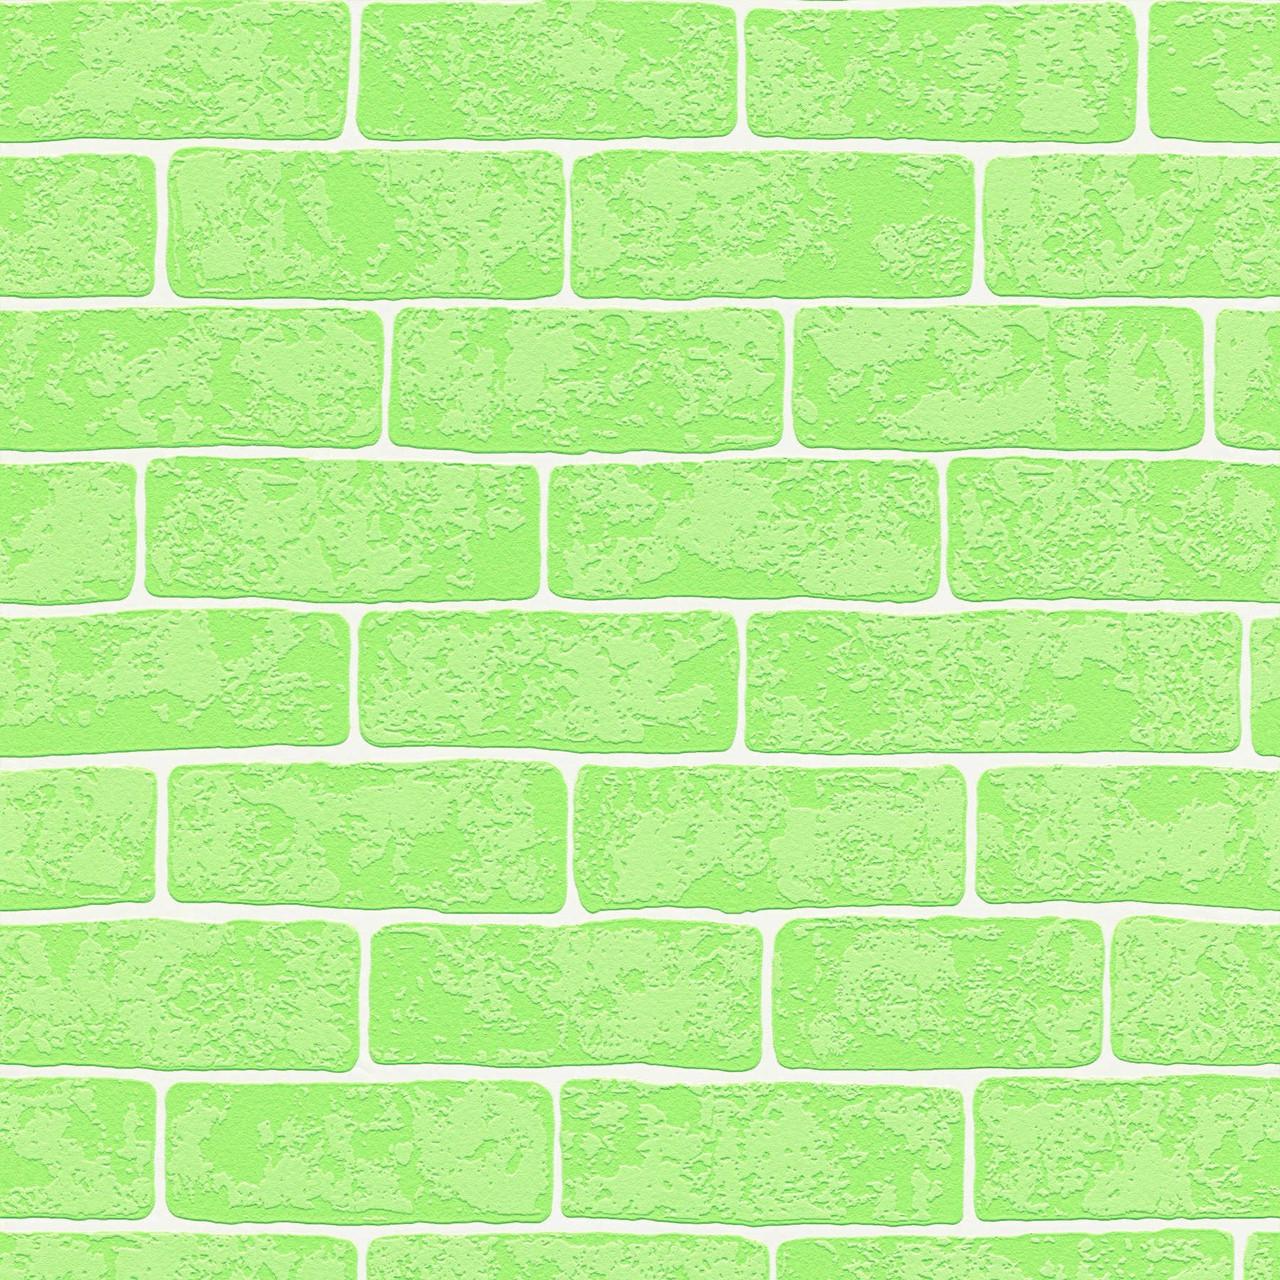 Ярко зеленые немецкие обои 359813 с выпуклыми декоративными изящными кирпичами, моющиеся для детской комнаты